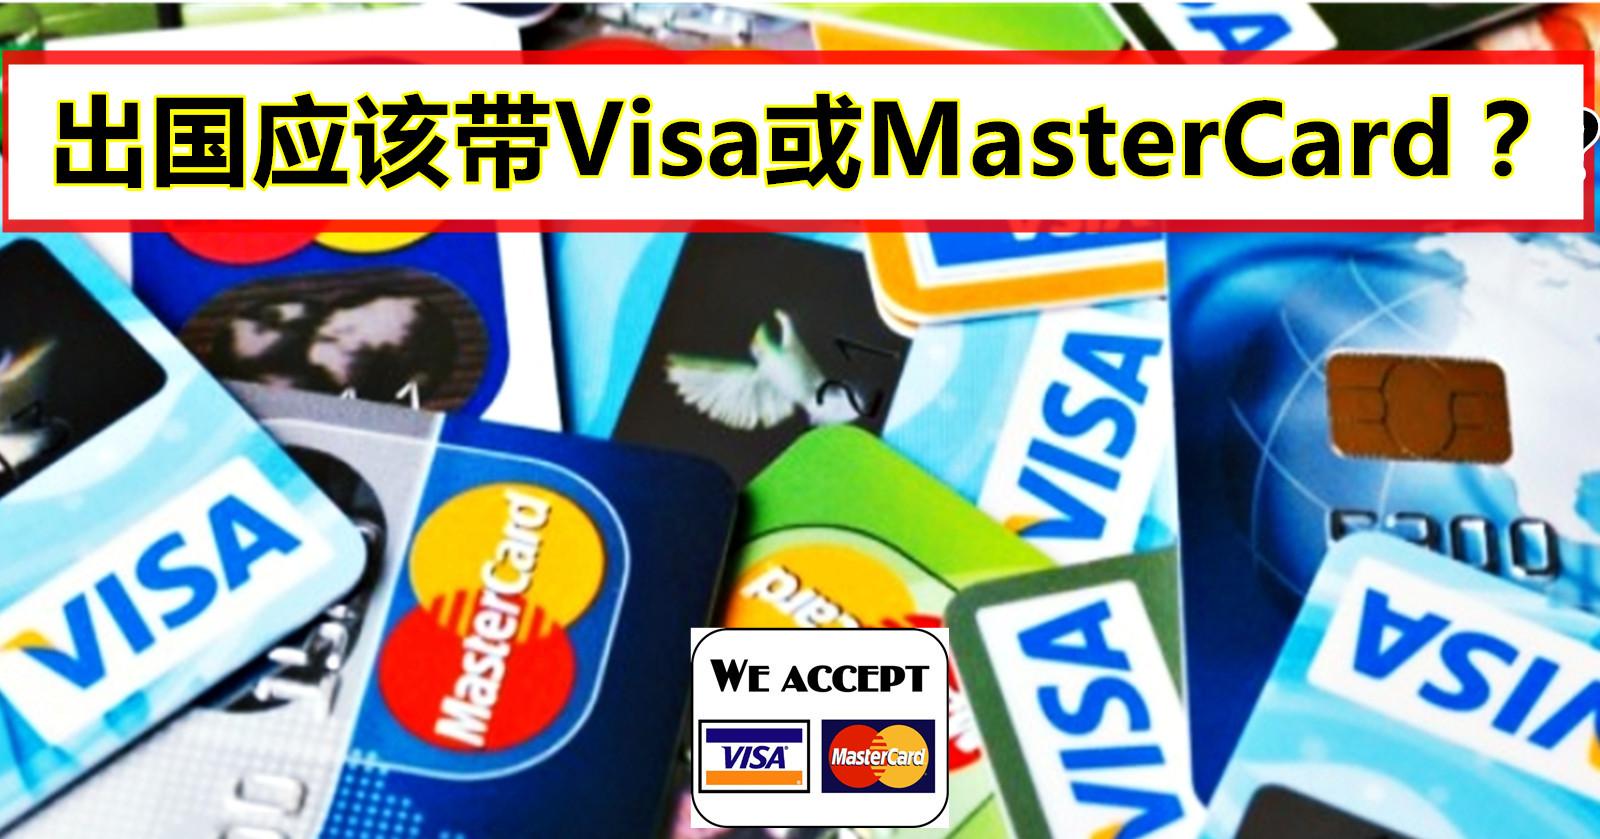 出國應該帶Visa或MasterCard? | LC 小傢伙綜合網